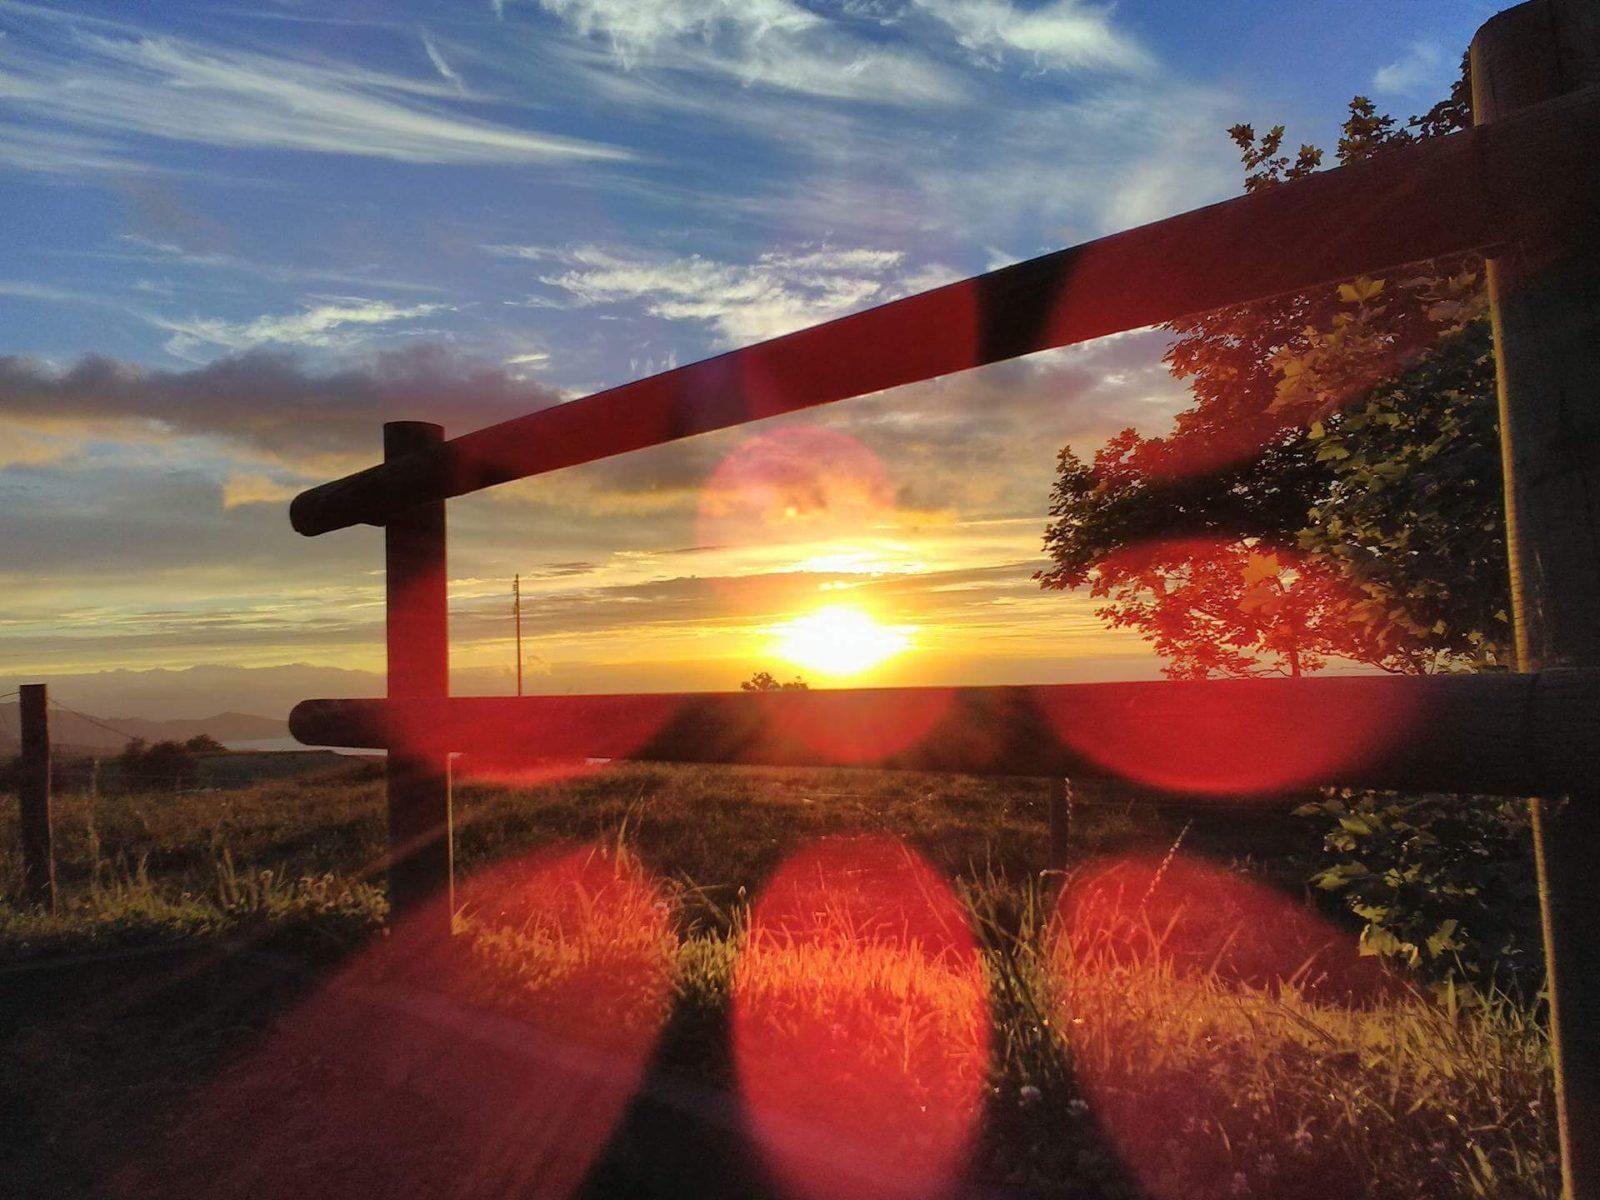 Pôr-do-sol, Ribeira Grande, Nordeste